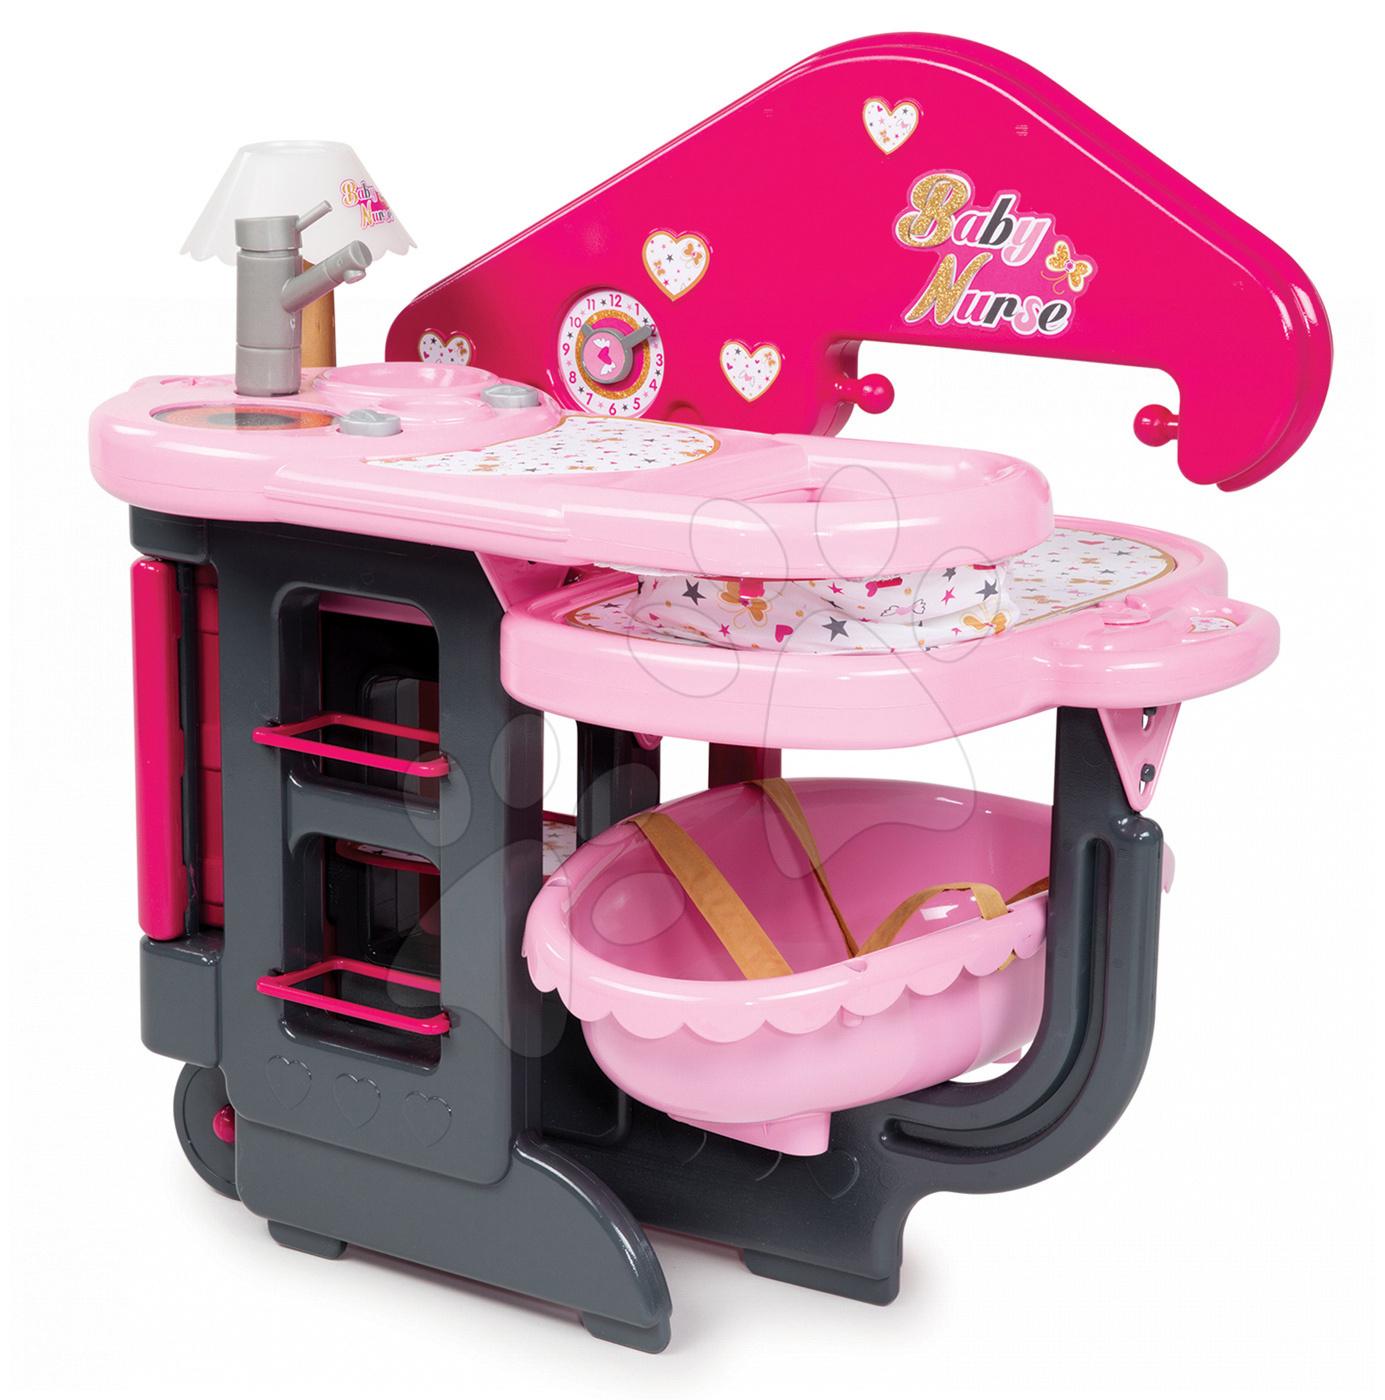 Kocsi játékbabának és babacenter 1f7add5903